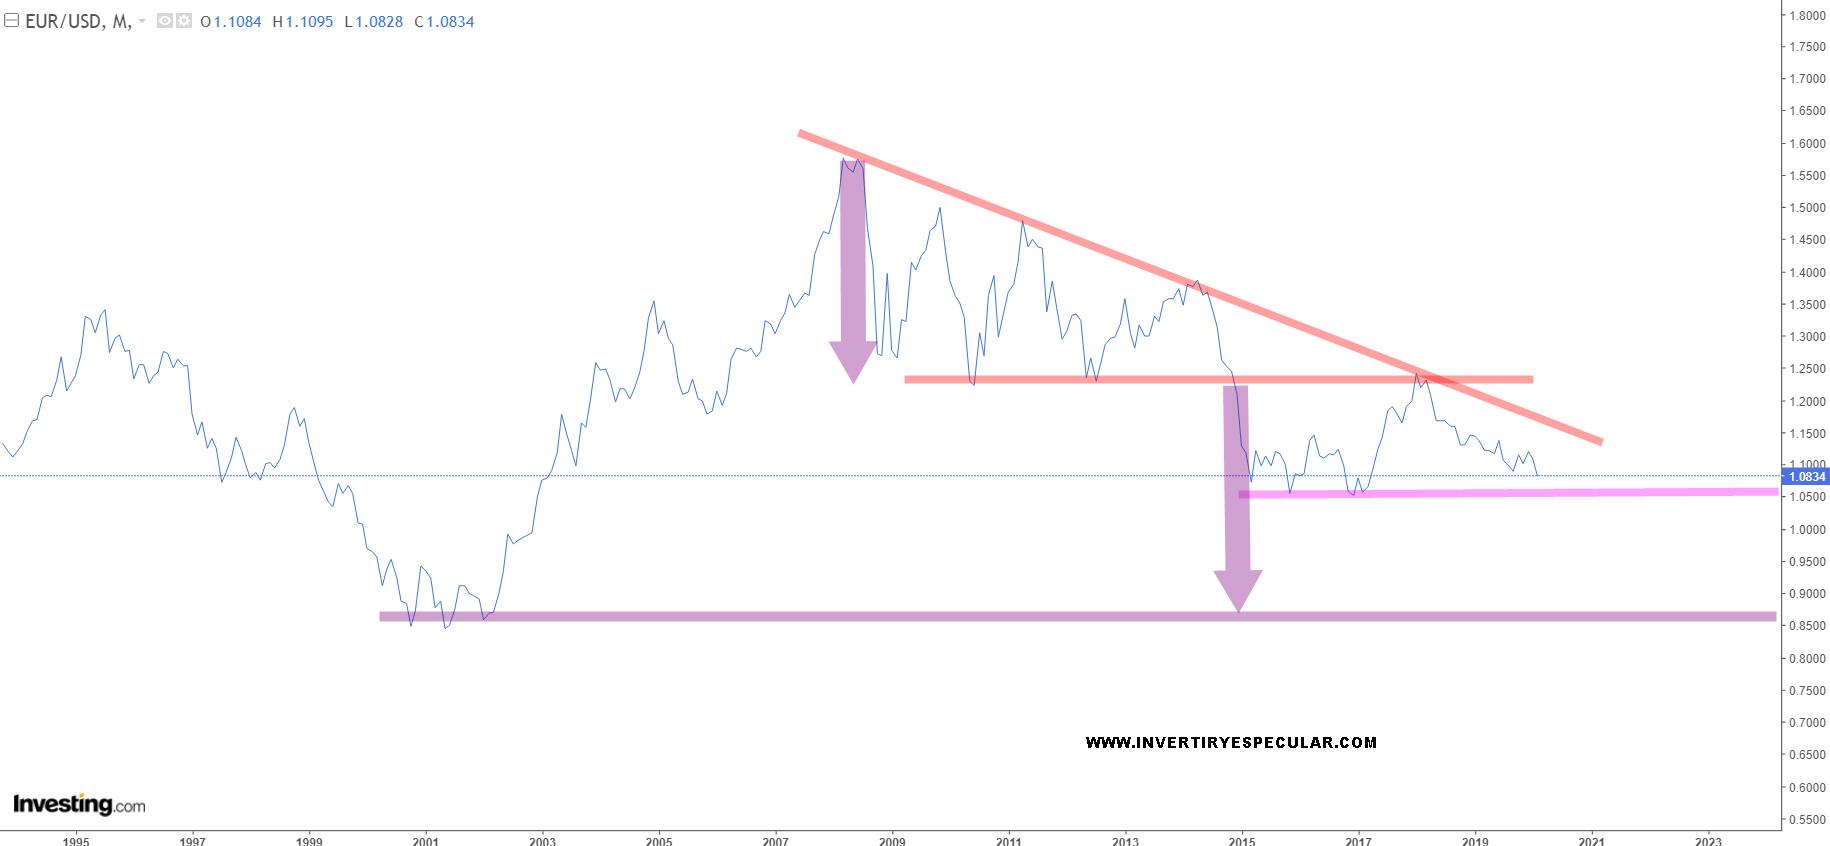 ¿Acoso corto al Euro? o ¿Europa macro y micro económicmaente  estancada?